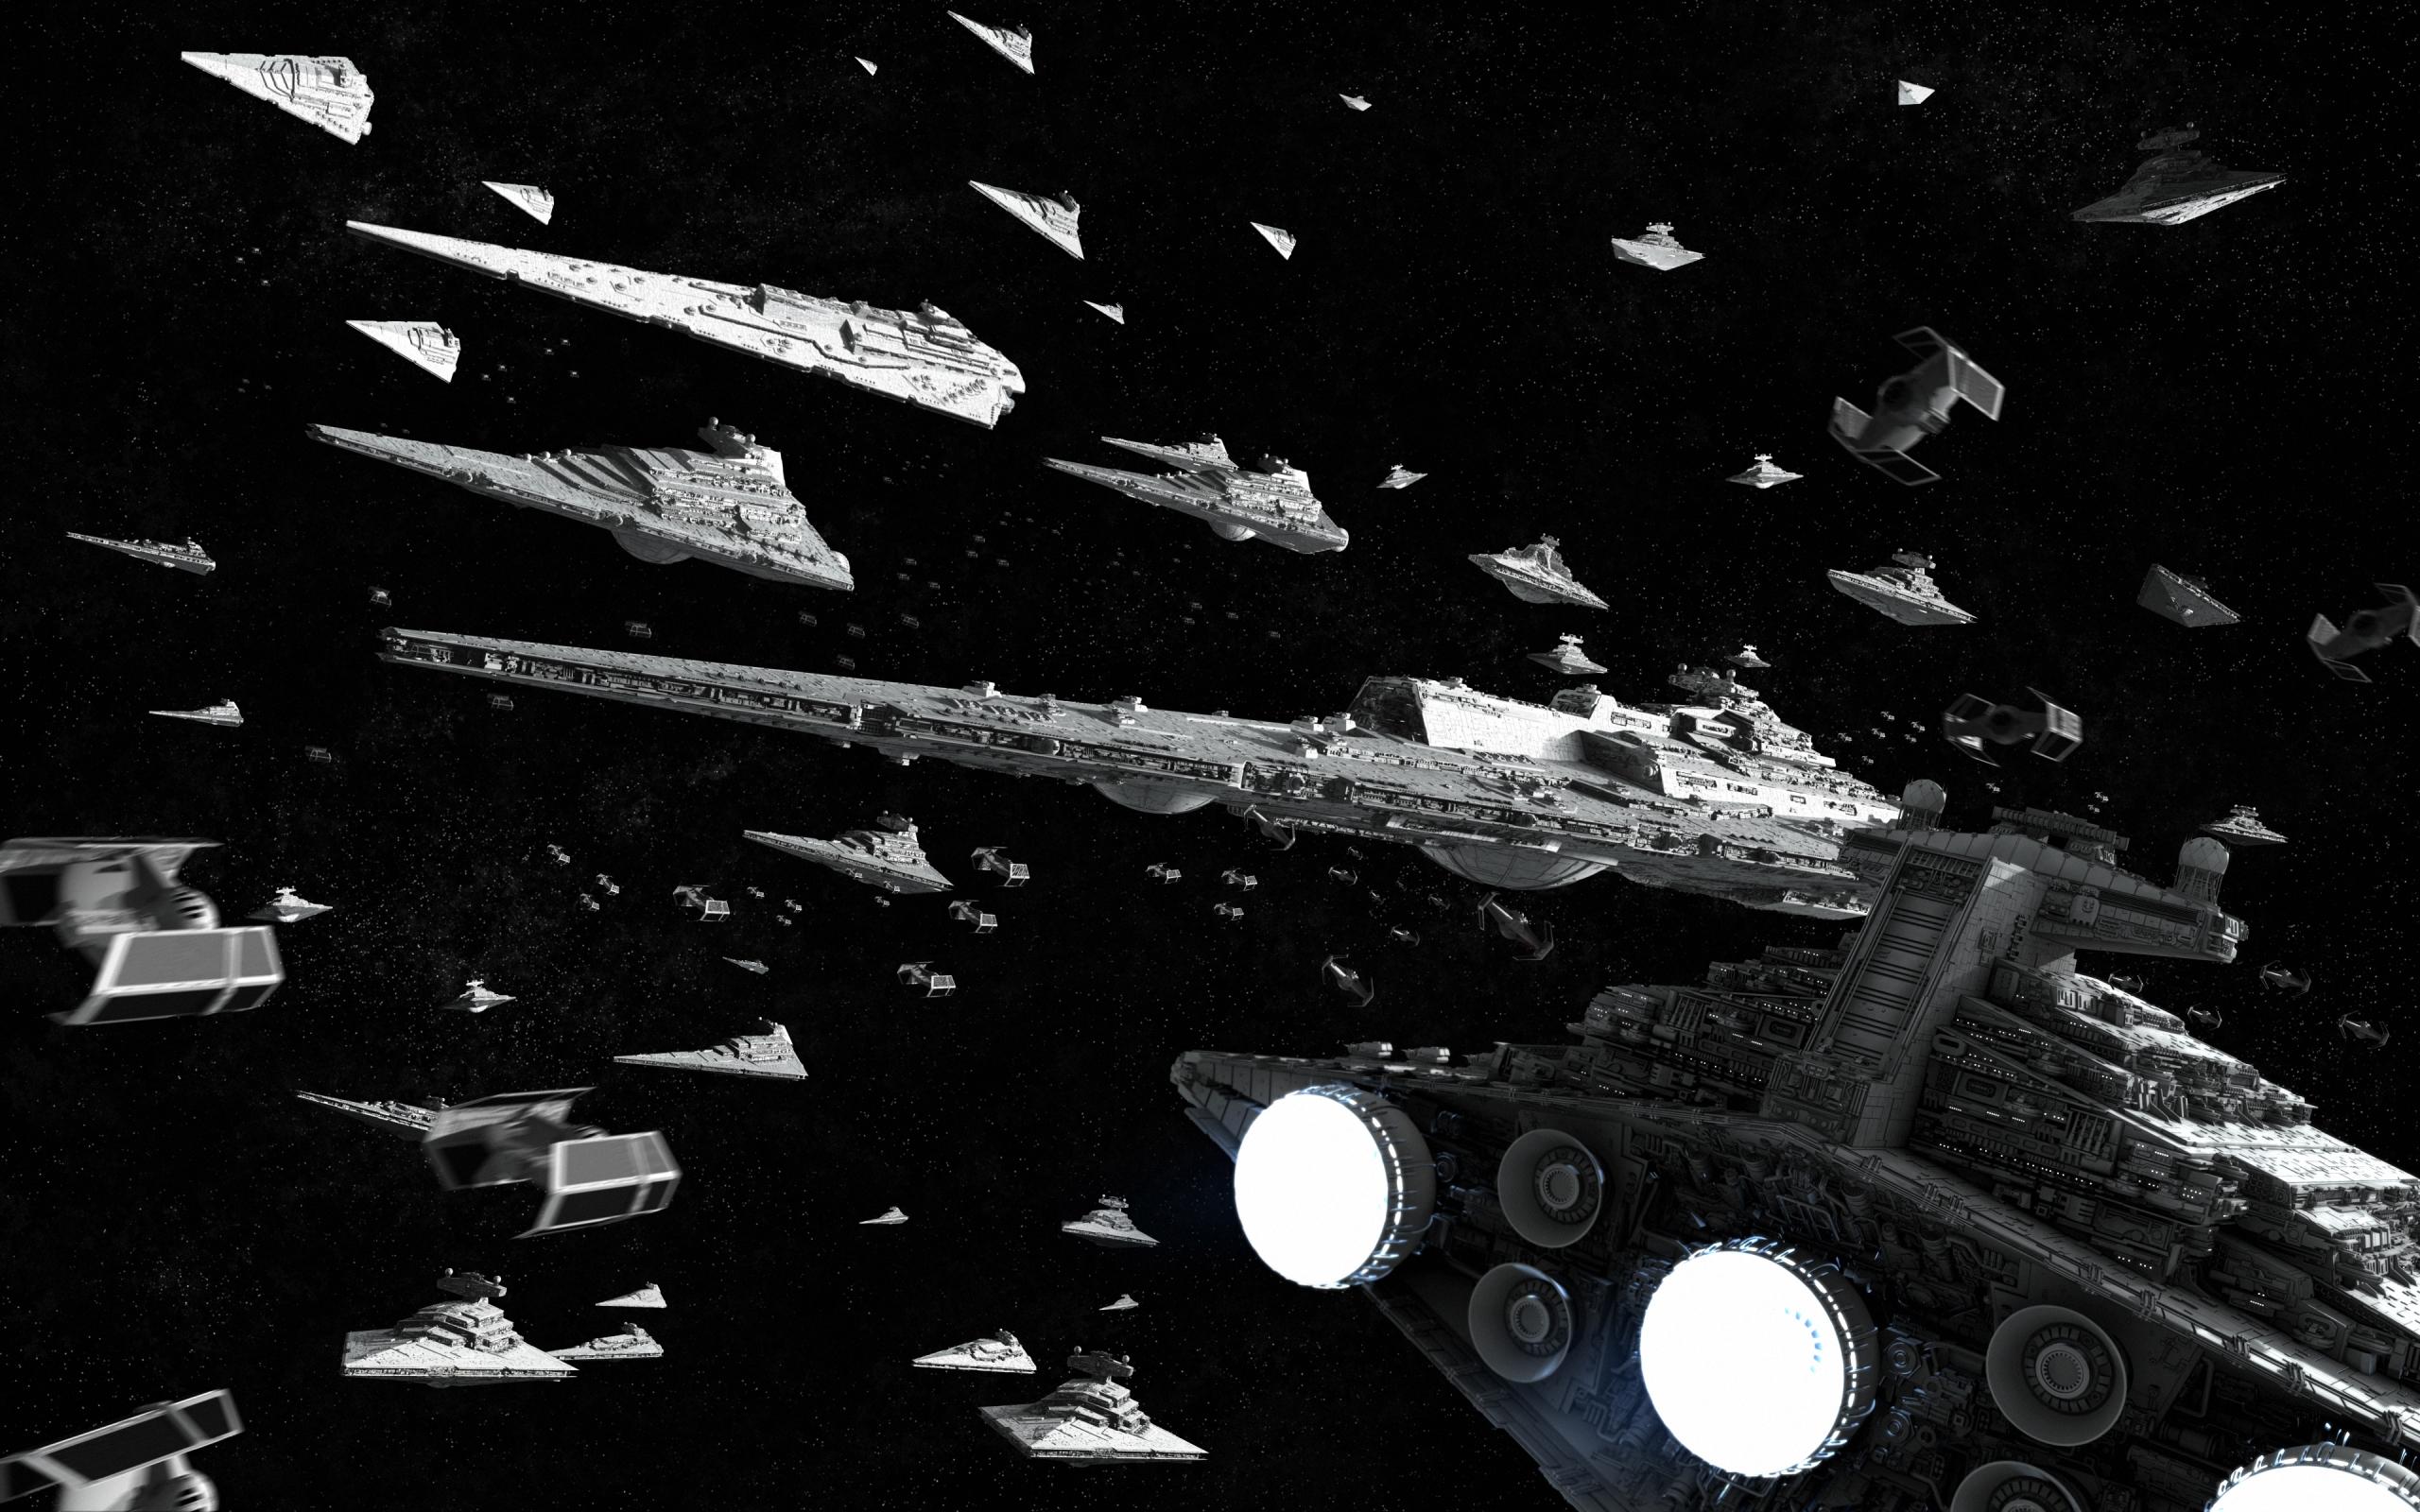 Wallpaper Star Wars Digital Art Space Vehicle Cgi Science